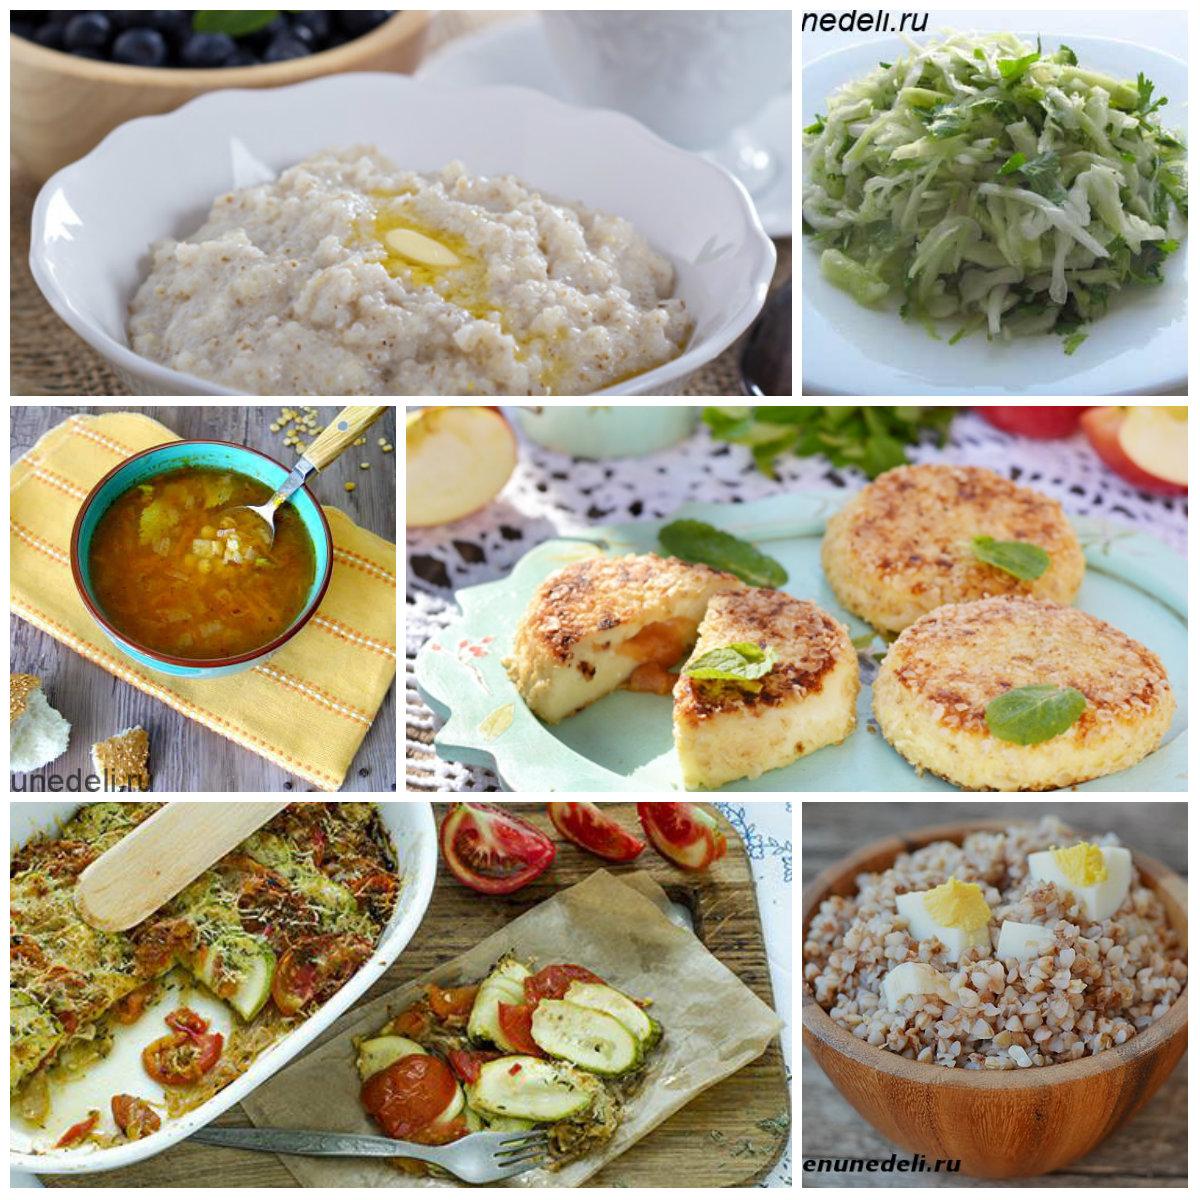 Веганская Диета На Неделю. Вегетарианская диета для похудения — виды, правила, меню и отзывы